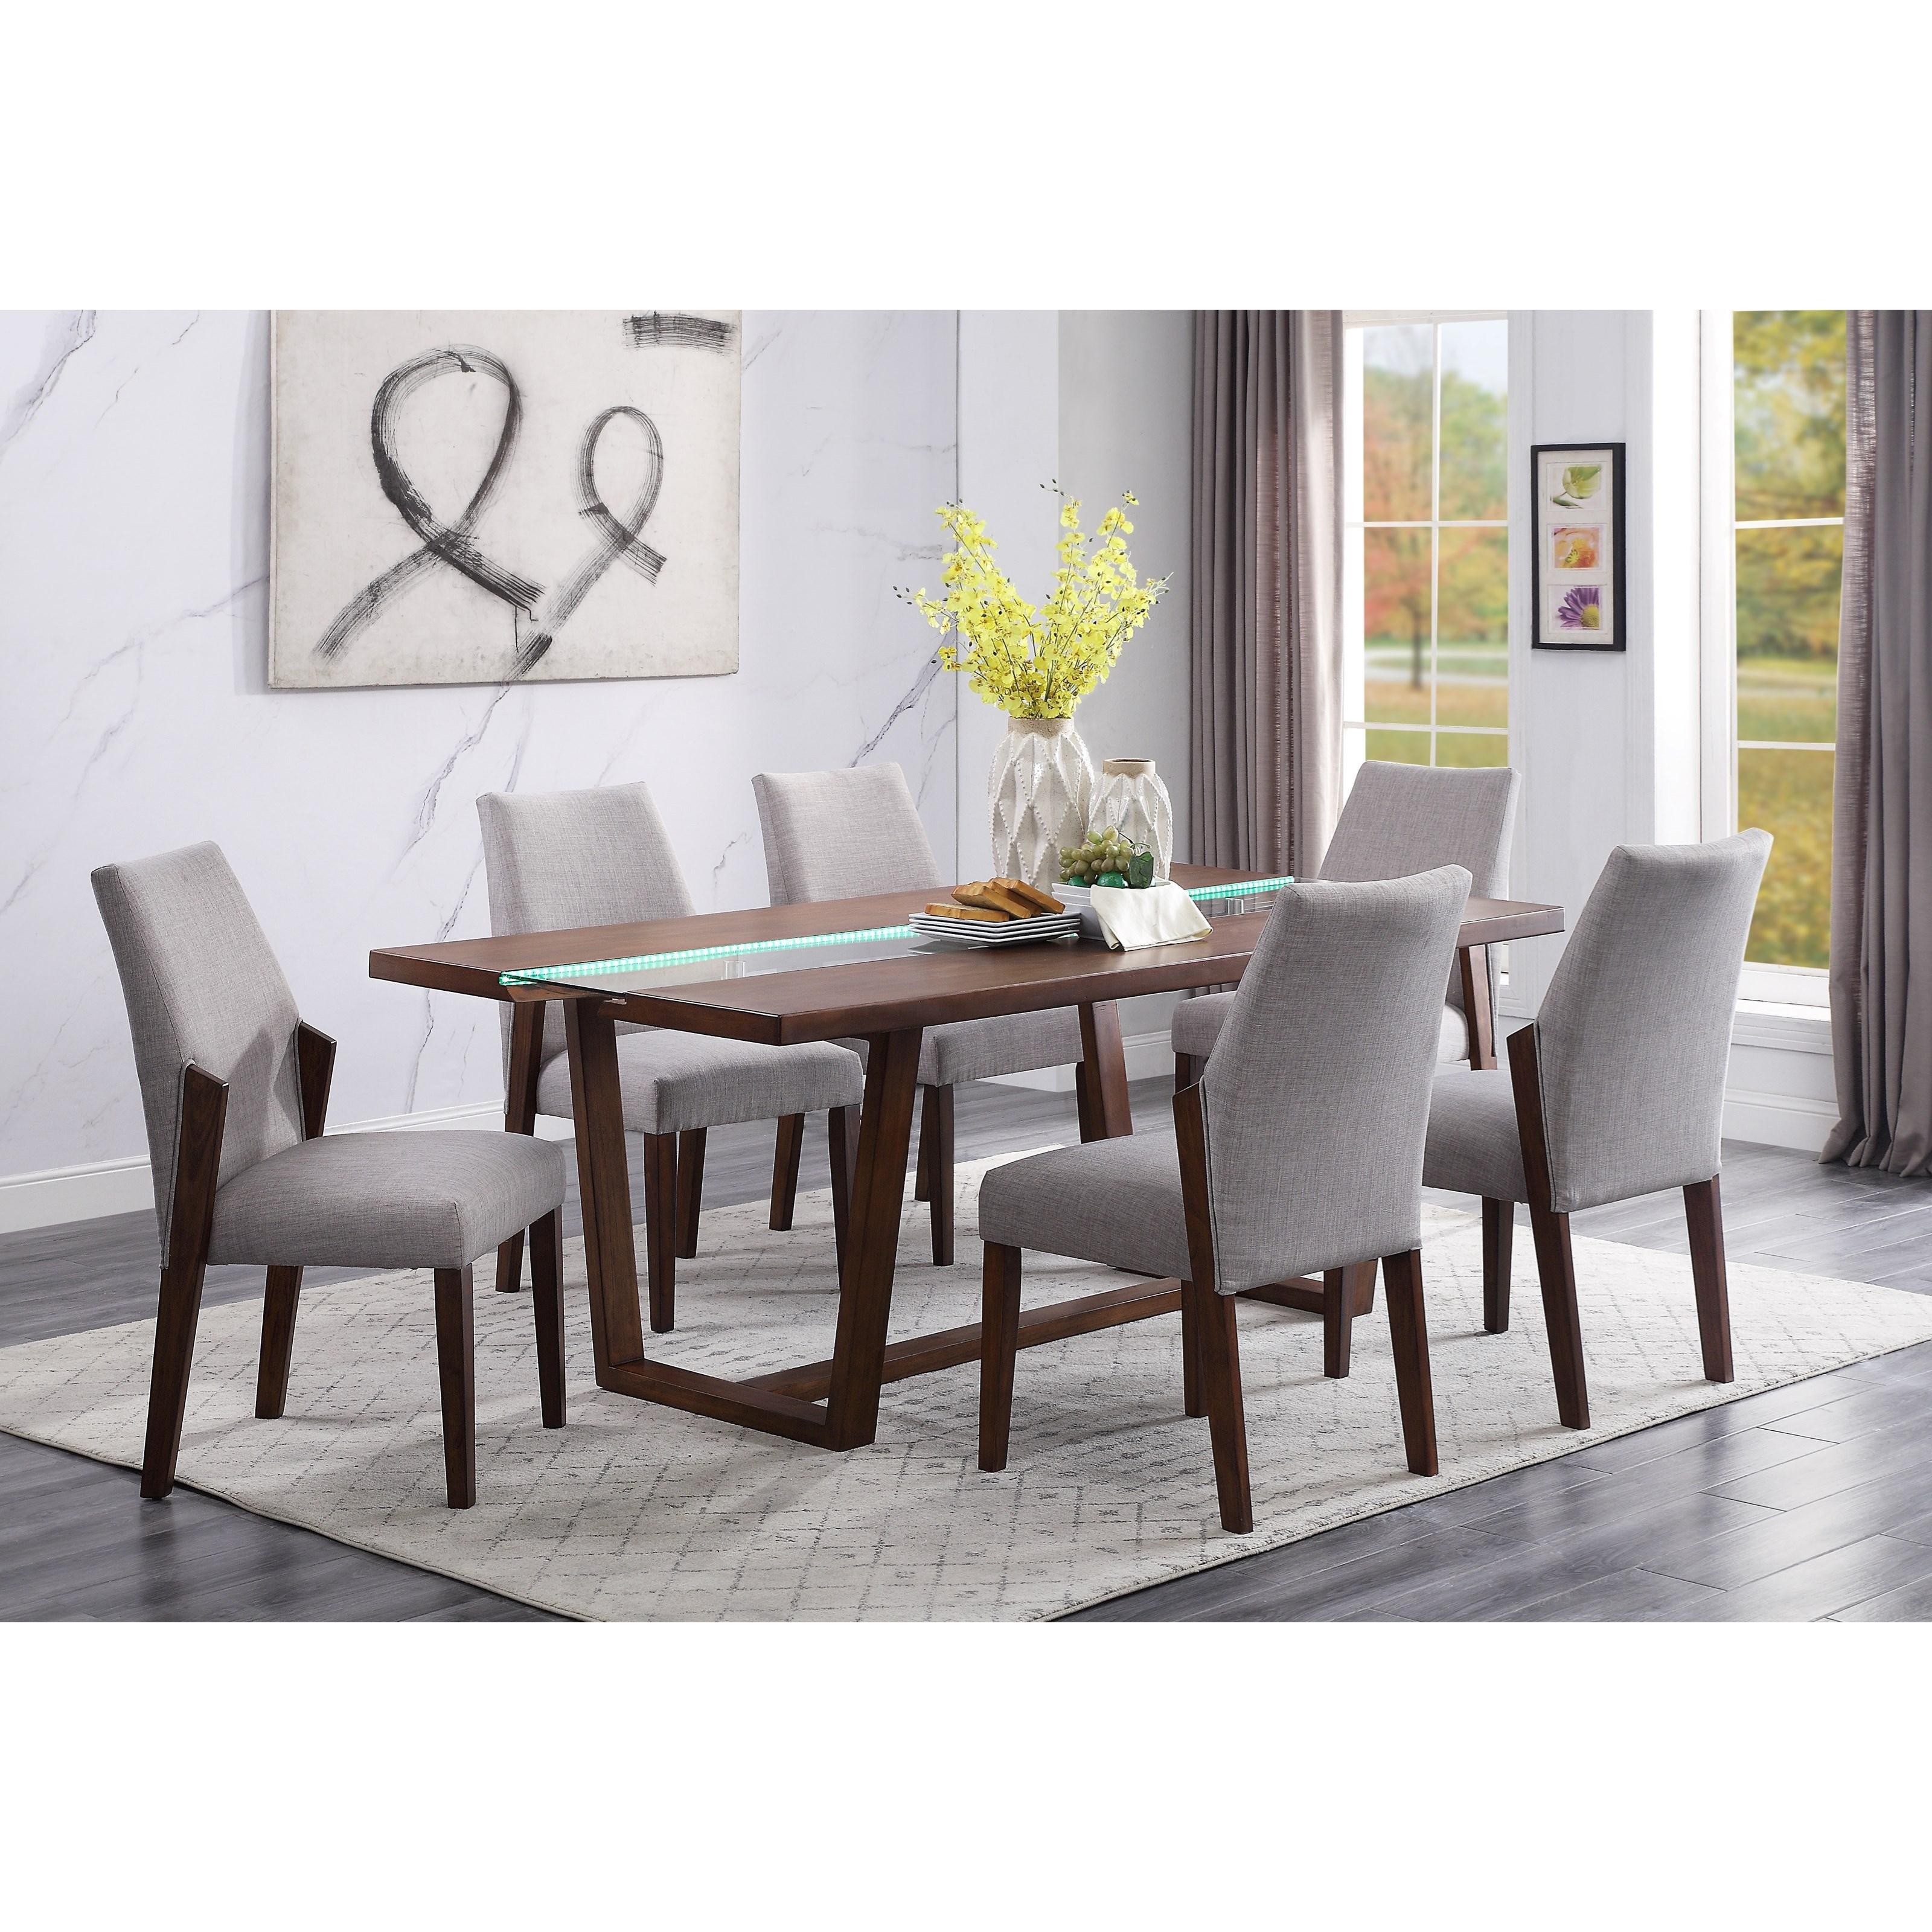 Benoit 7-Piece Dining Set by Acme Furniture at Carolina Direct